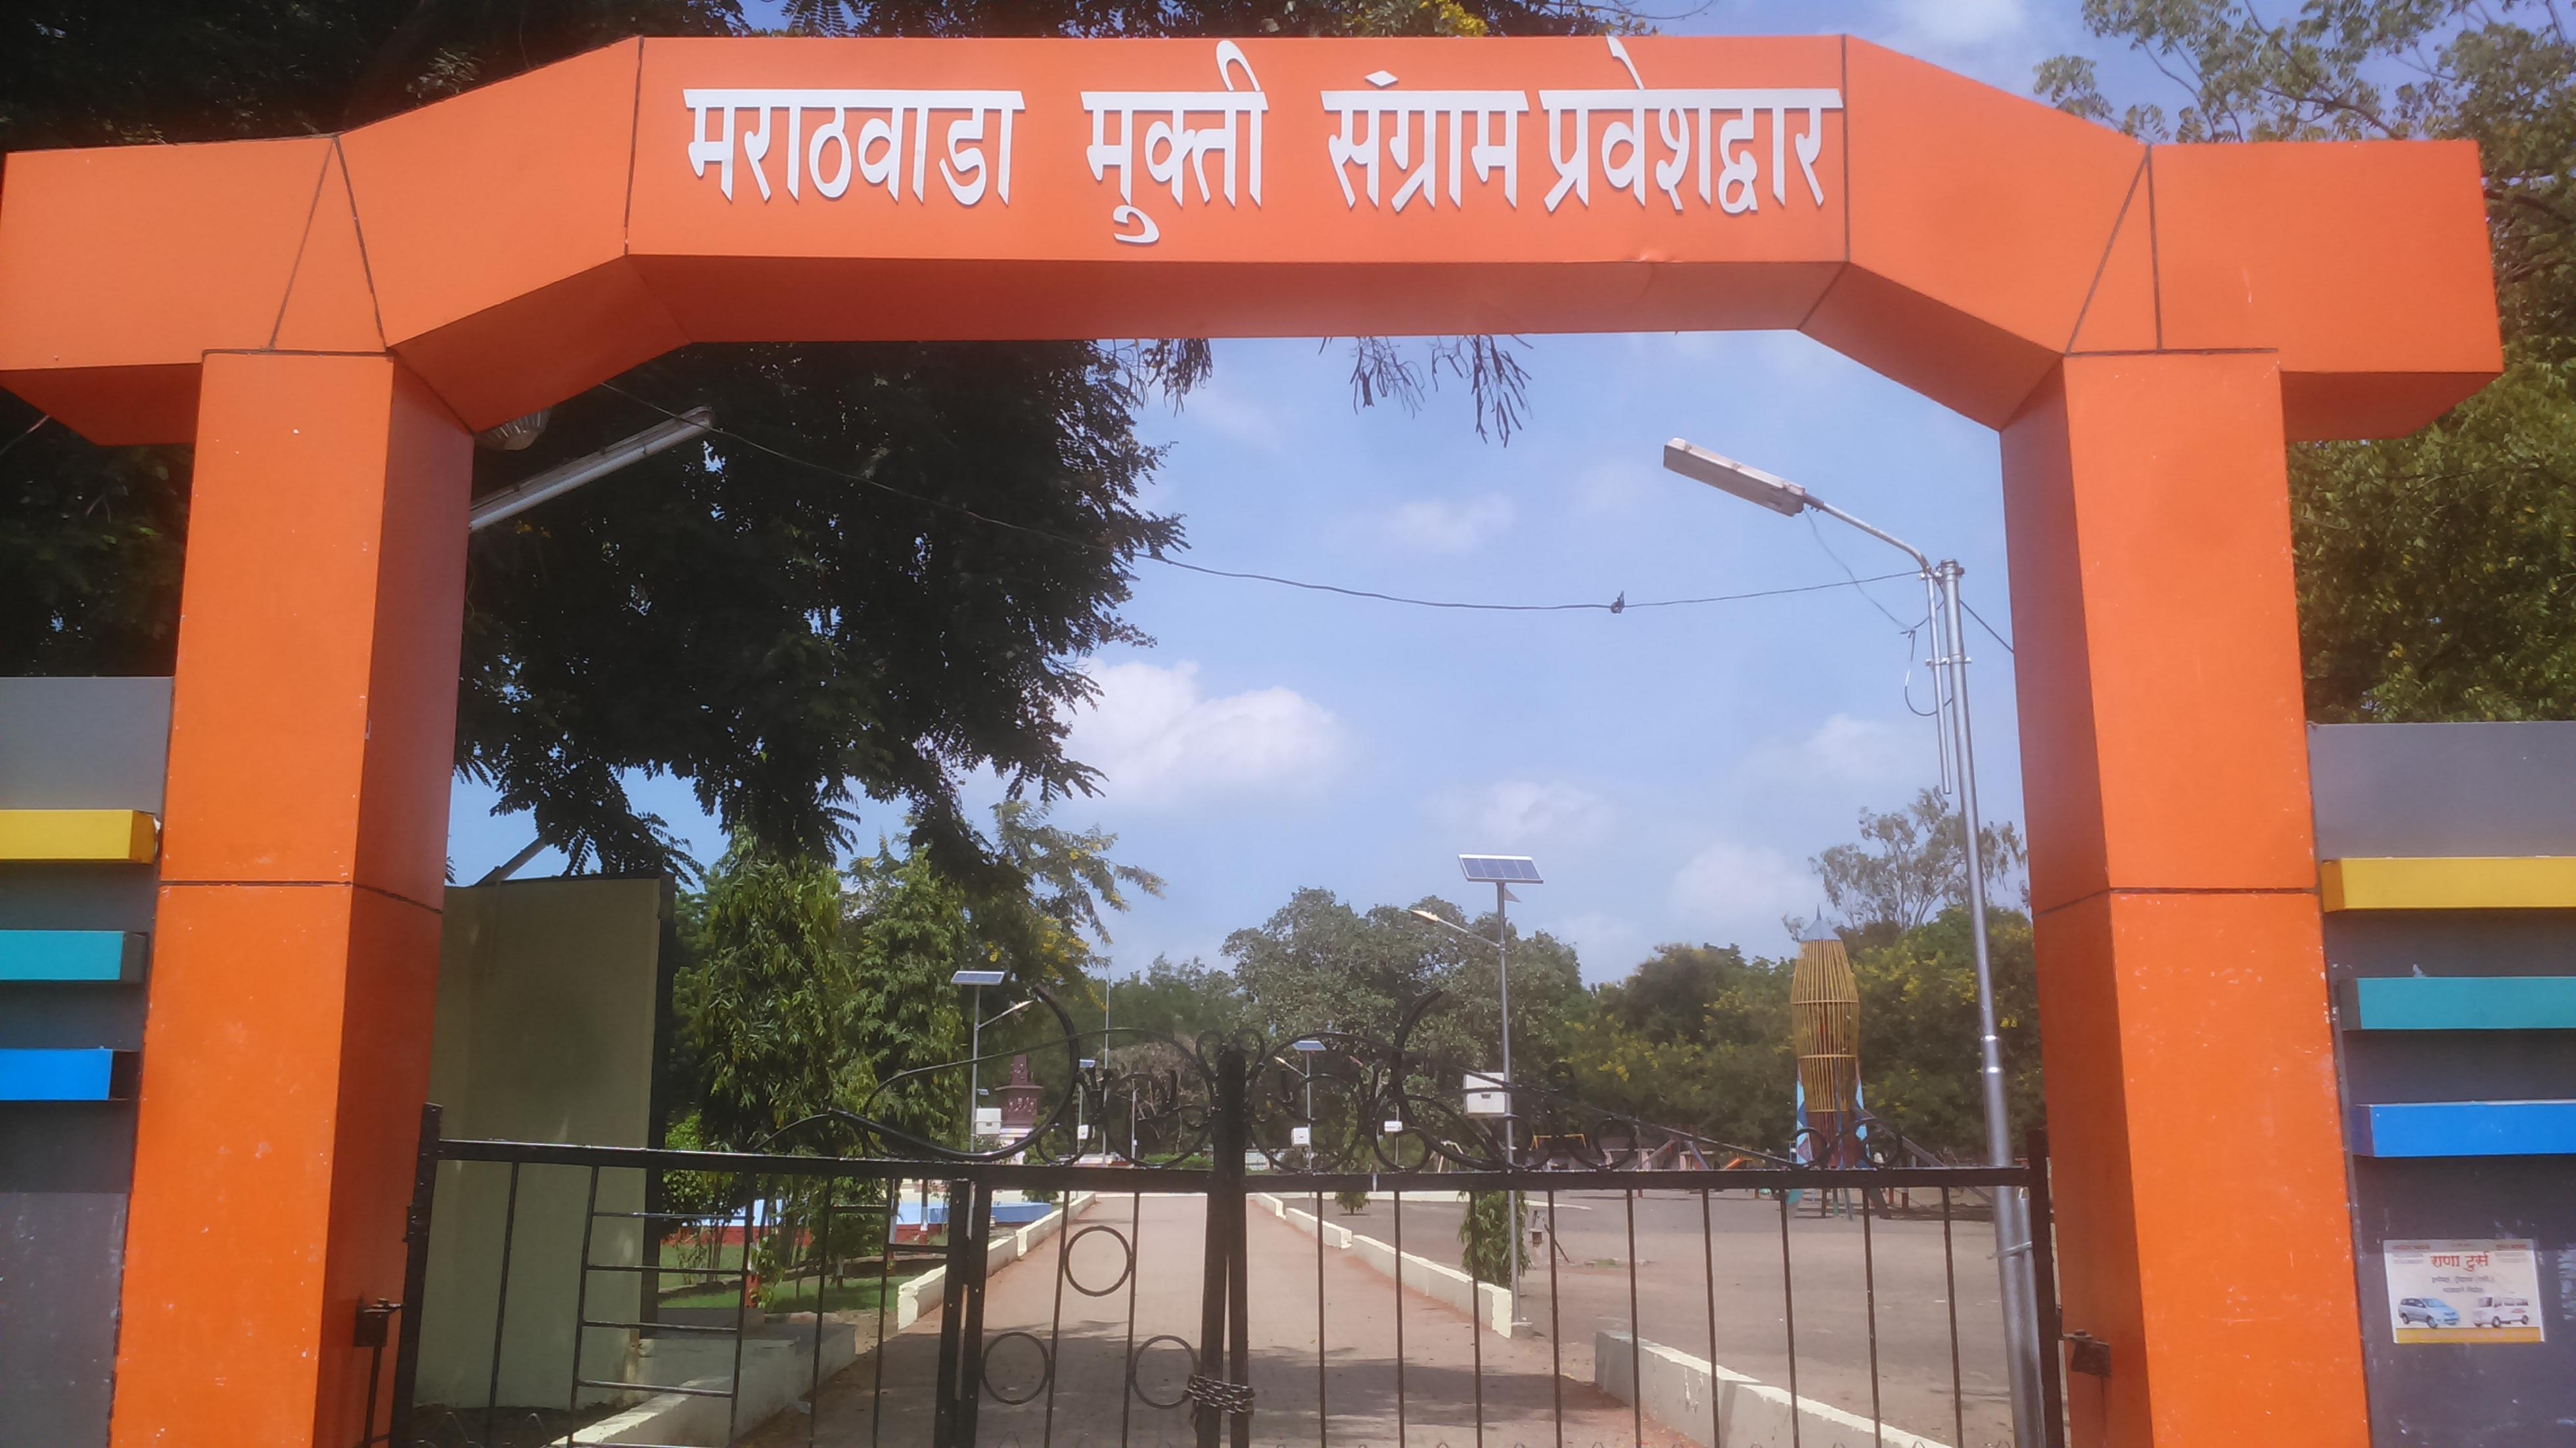 Marathwada Mukti sangram Praveshdwar in Parbhani.JPG